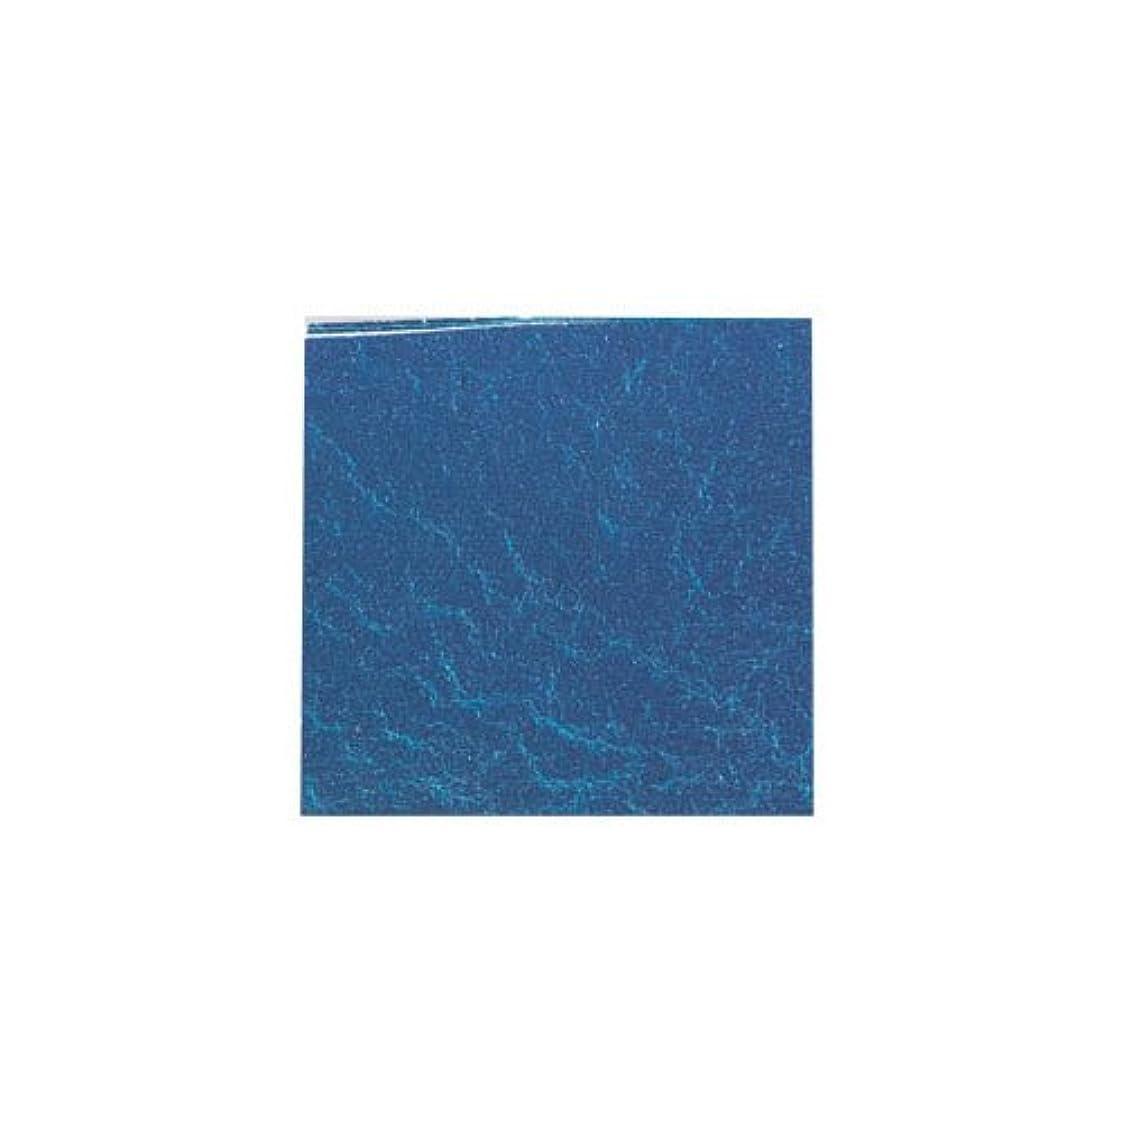 コスチュームレンド質素なピカエース ネイル用パウダー カラー純銀箔 #613 藍色 3.5㎜角×5枚